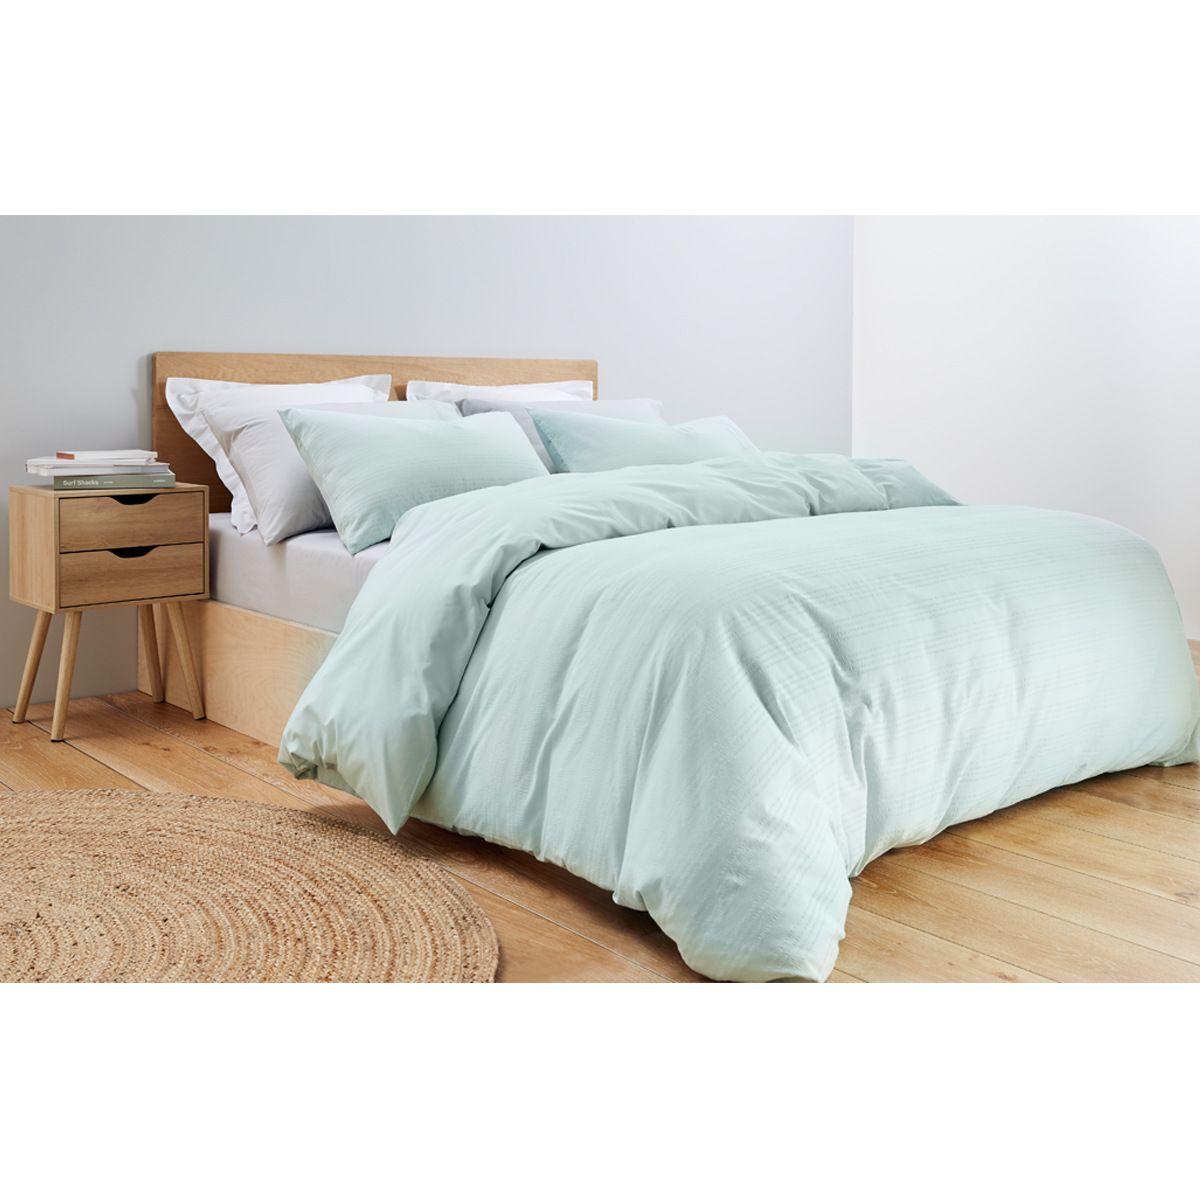 Catherine Seersucker Quilt Cover Set Queen Bed Green Kmart Kmart Bedding Bed Quilt Cover Sets